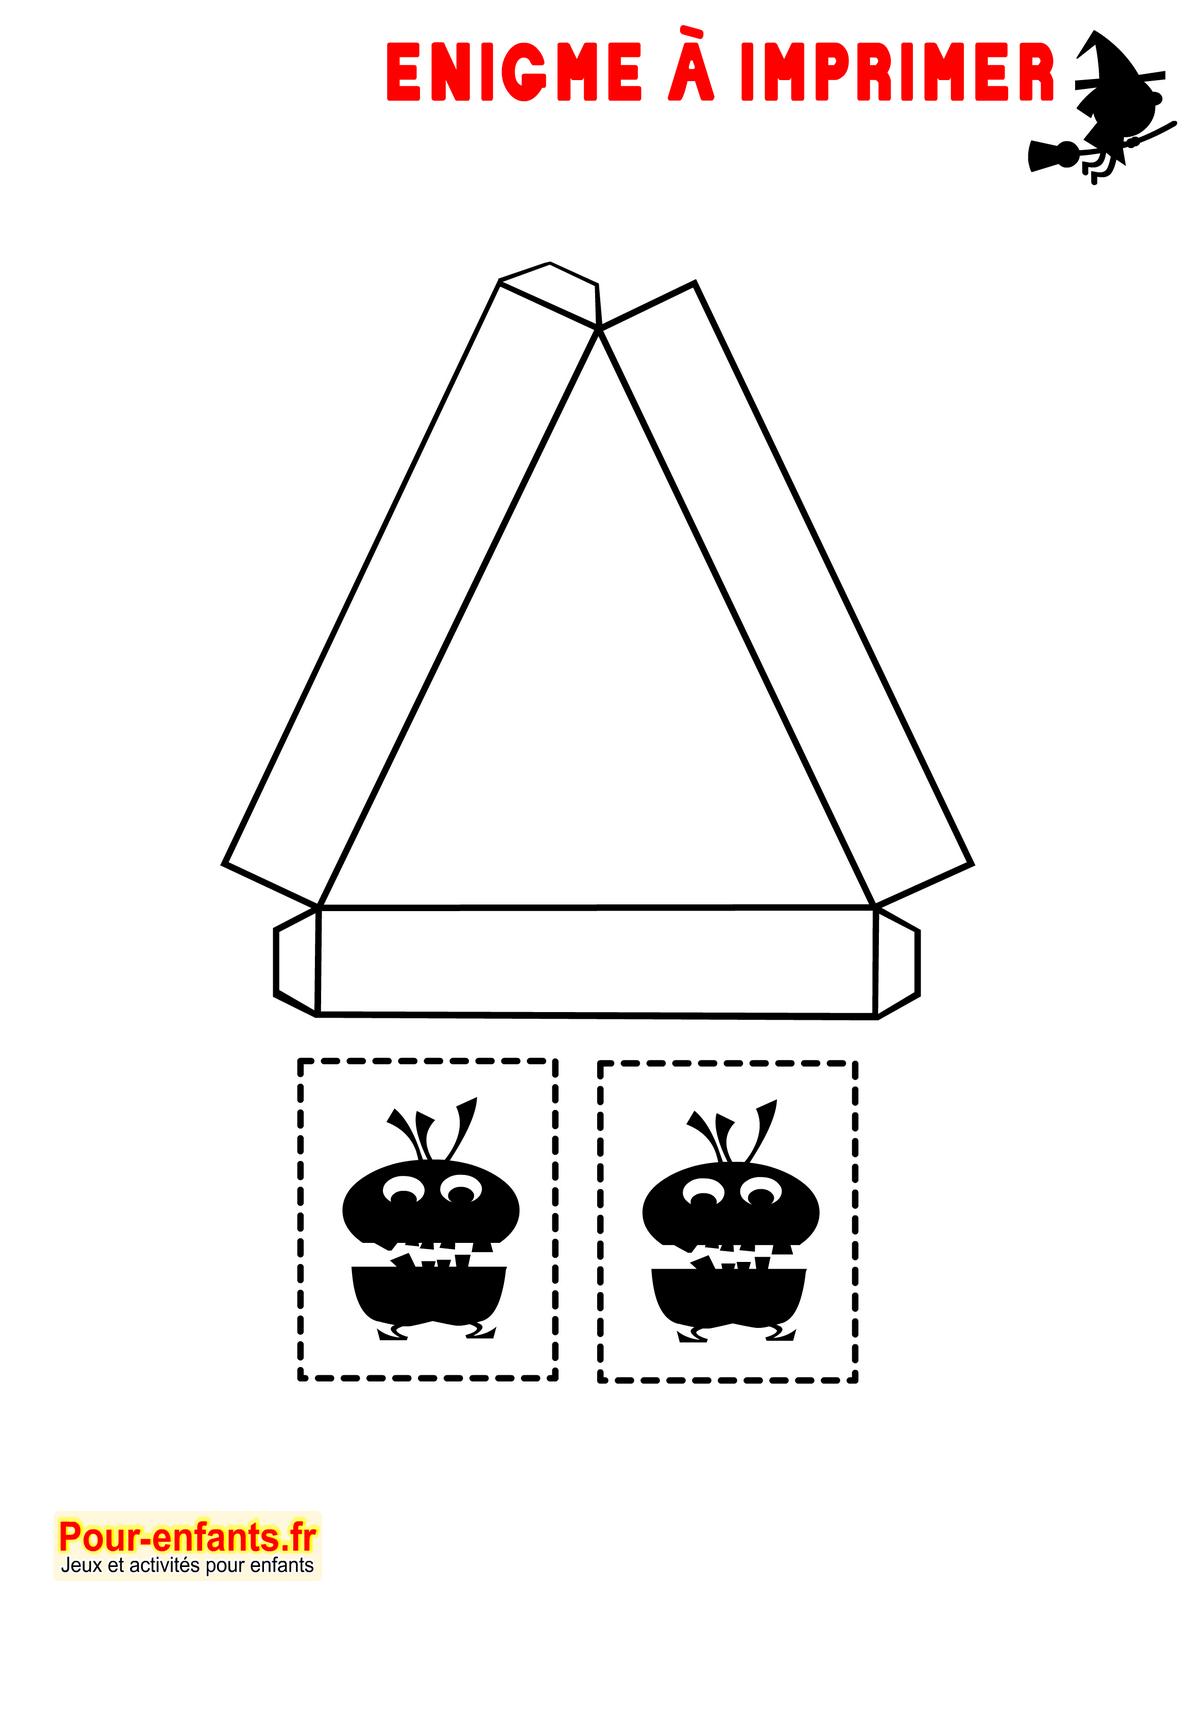 Enigmes Idées Activités Jeux À Imprimer Halloween Bricolage concernant Tangram À Découper